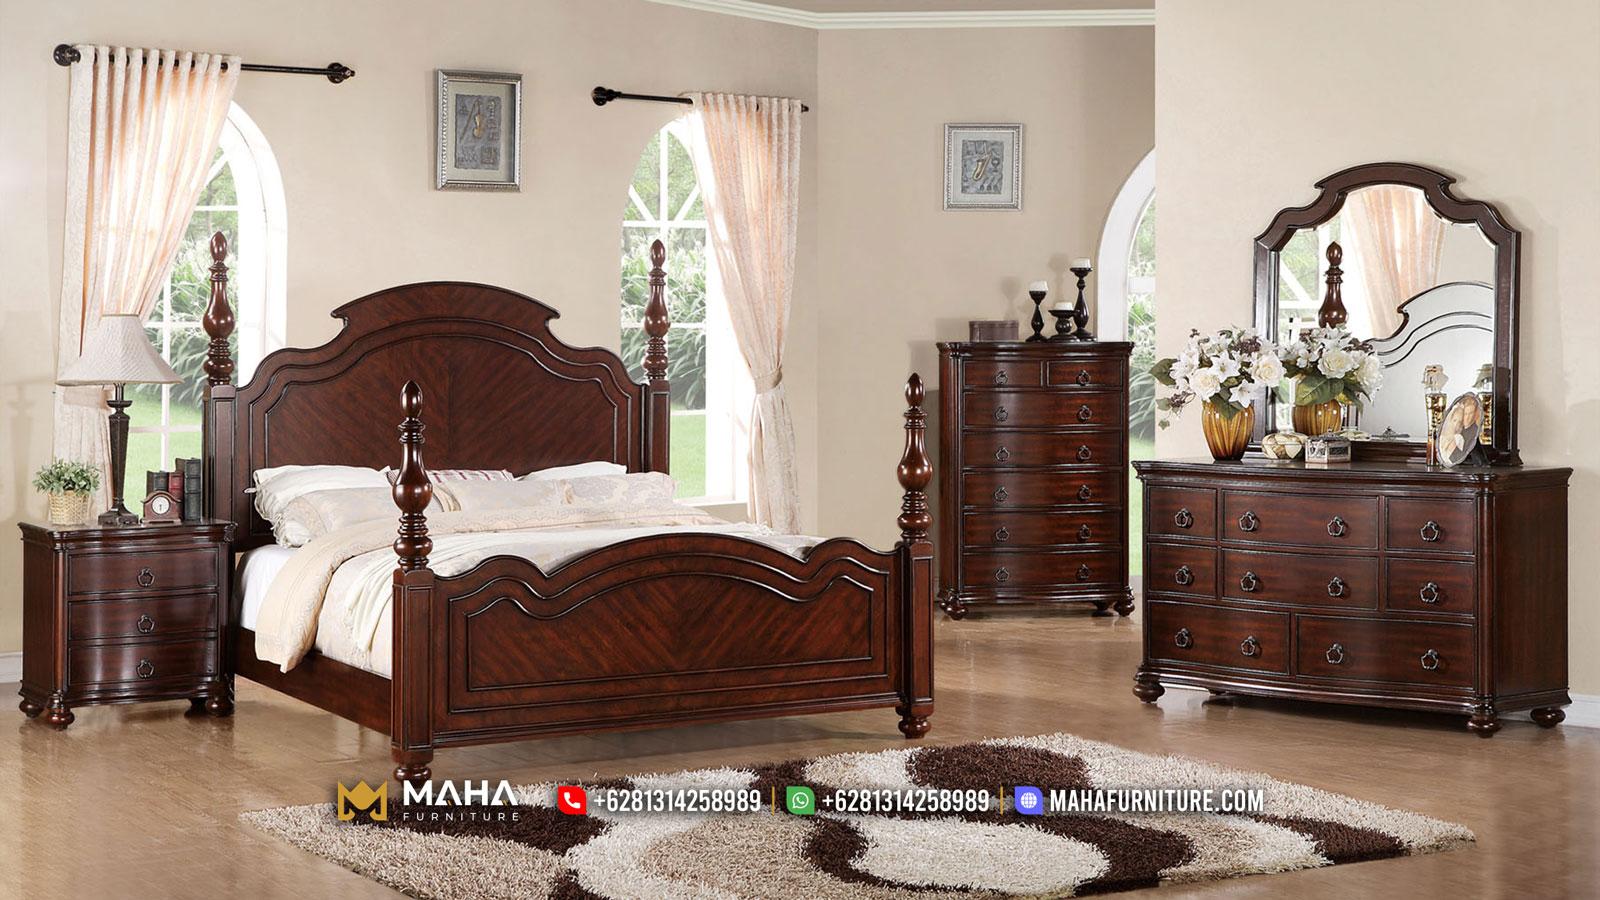 Jual Kamar Set Minimalis Jati Elegan Brown Natural MF126